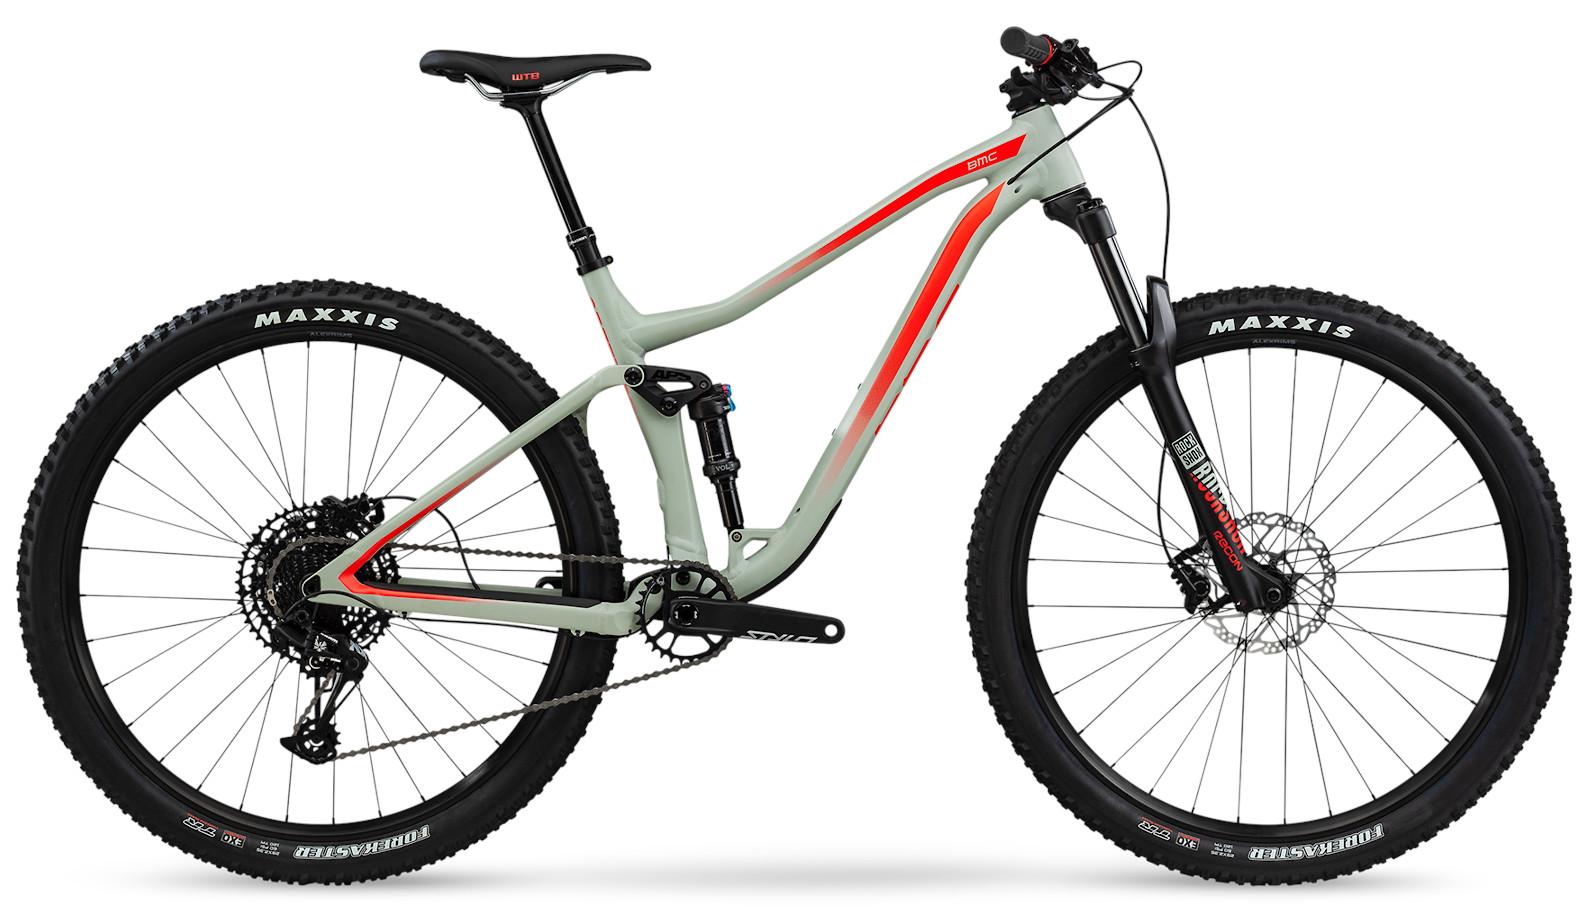 2020 BMC Speedfox 03 One